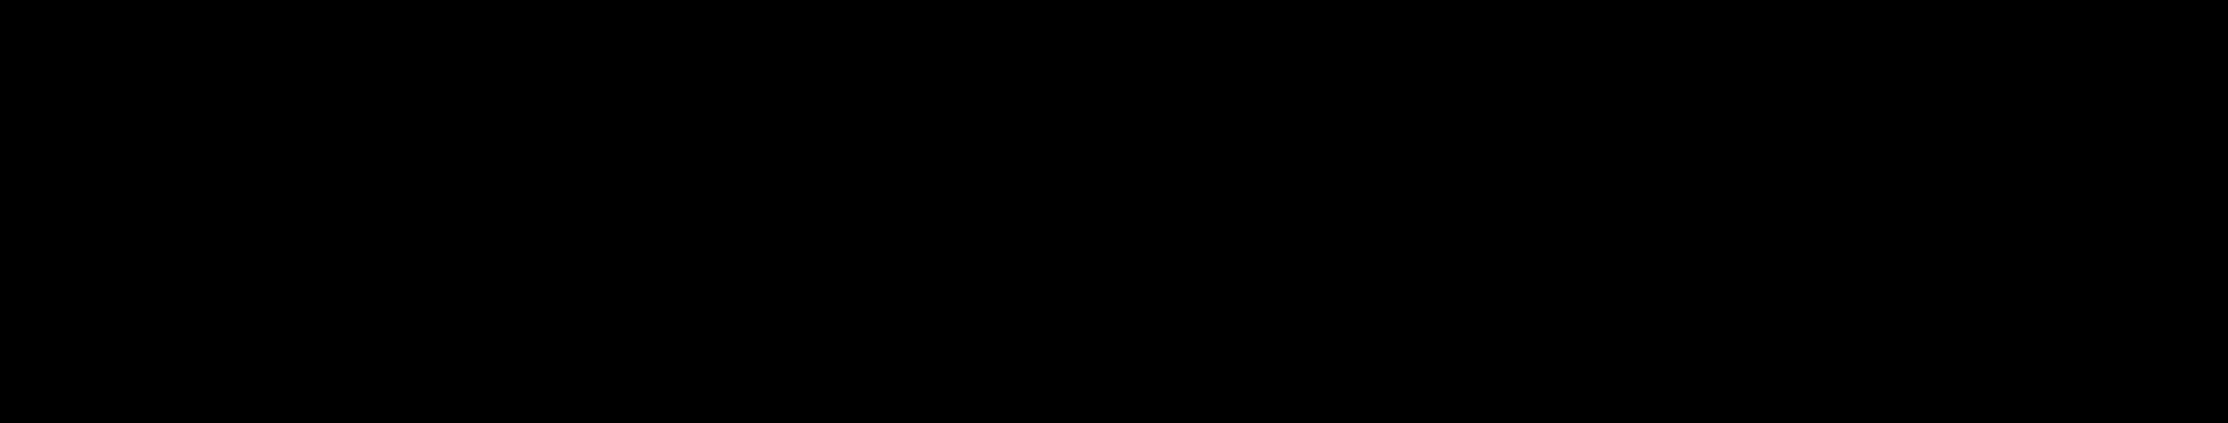 SiriusXM-logo.png